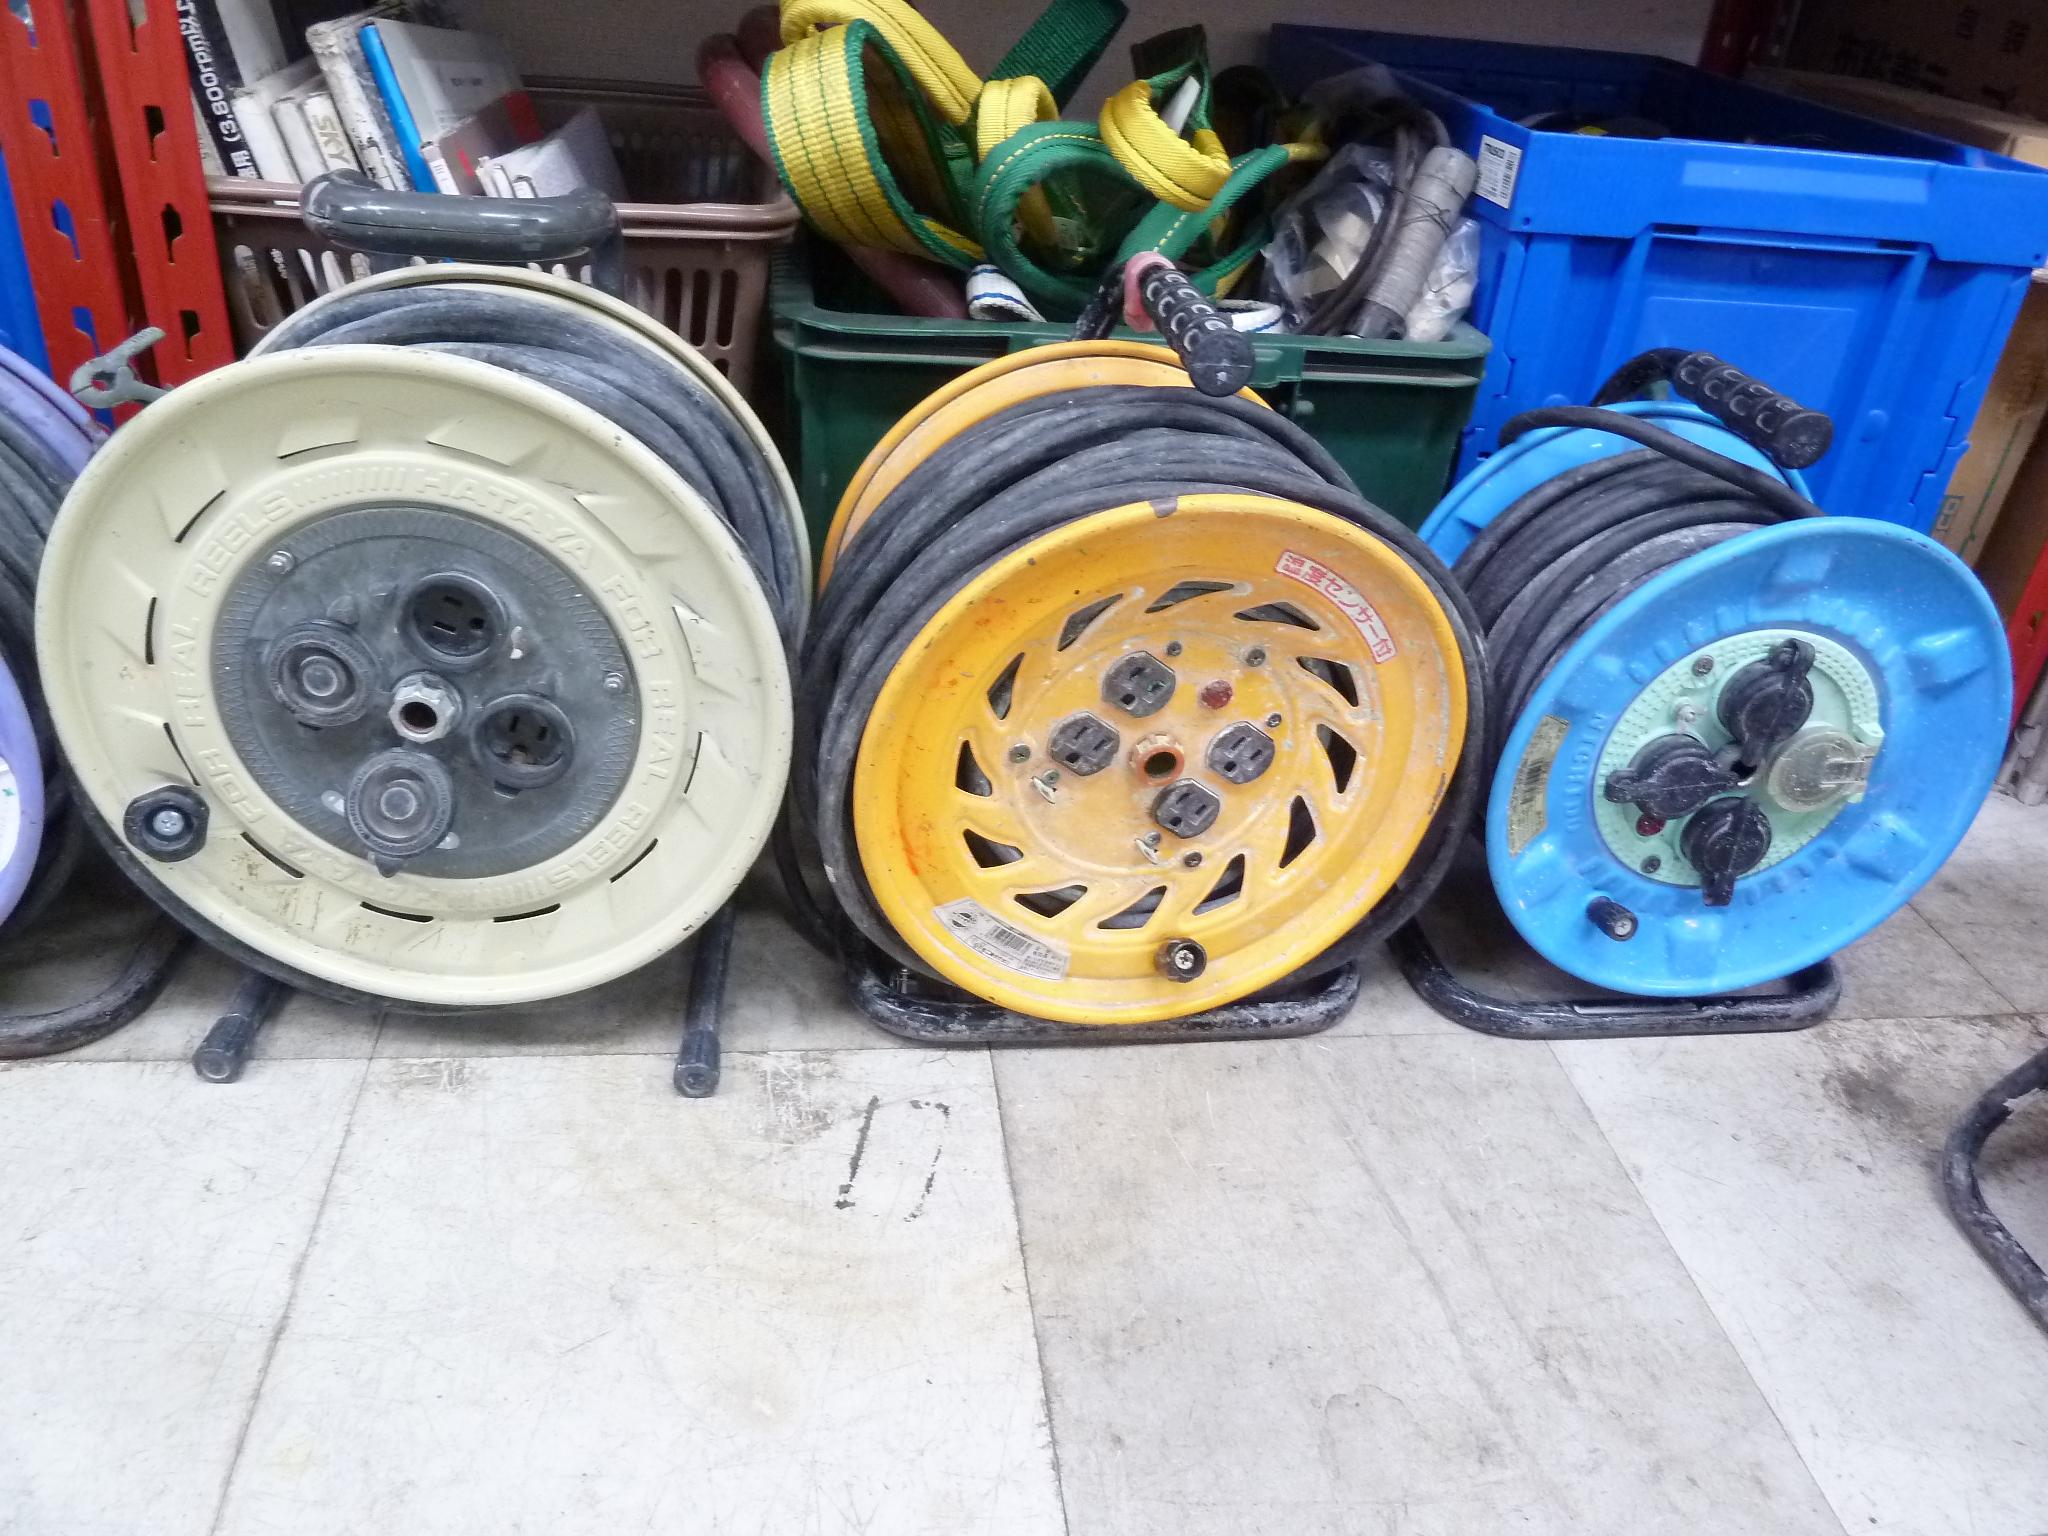 コードリール、日動・ハタヤ(電工ドラム )多数買取しました!岡山店